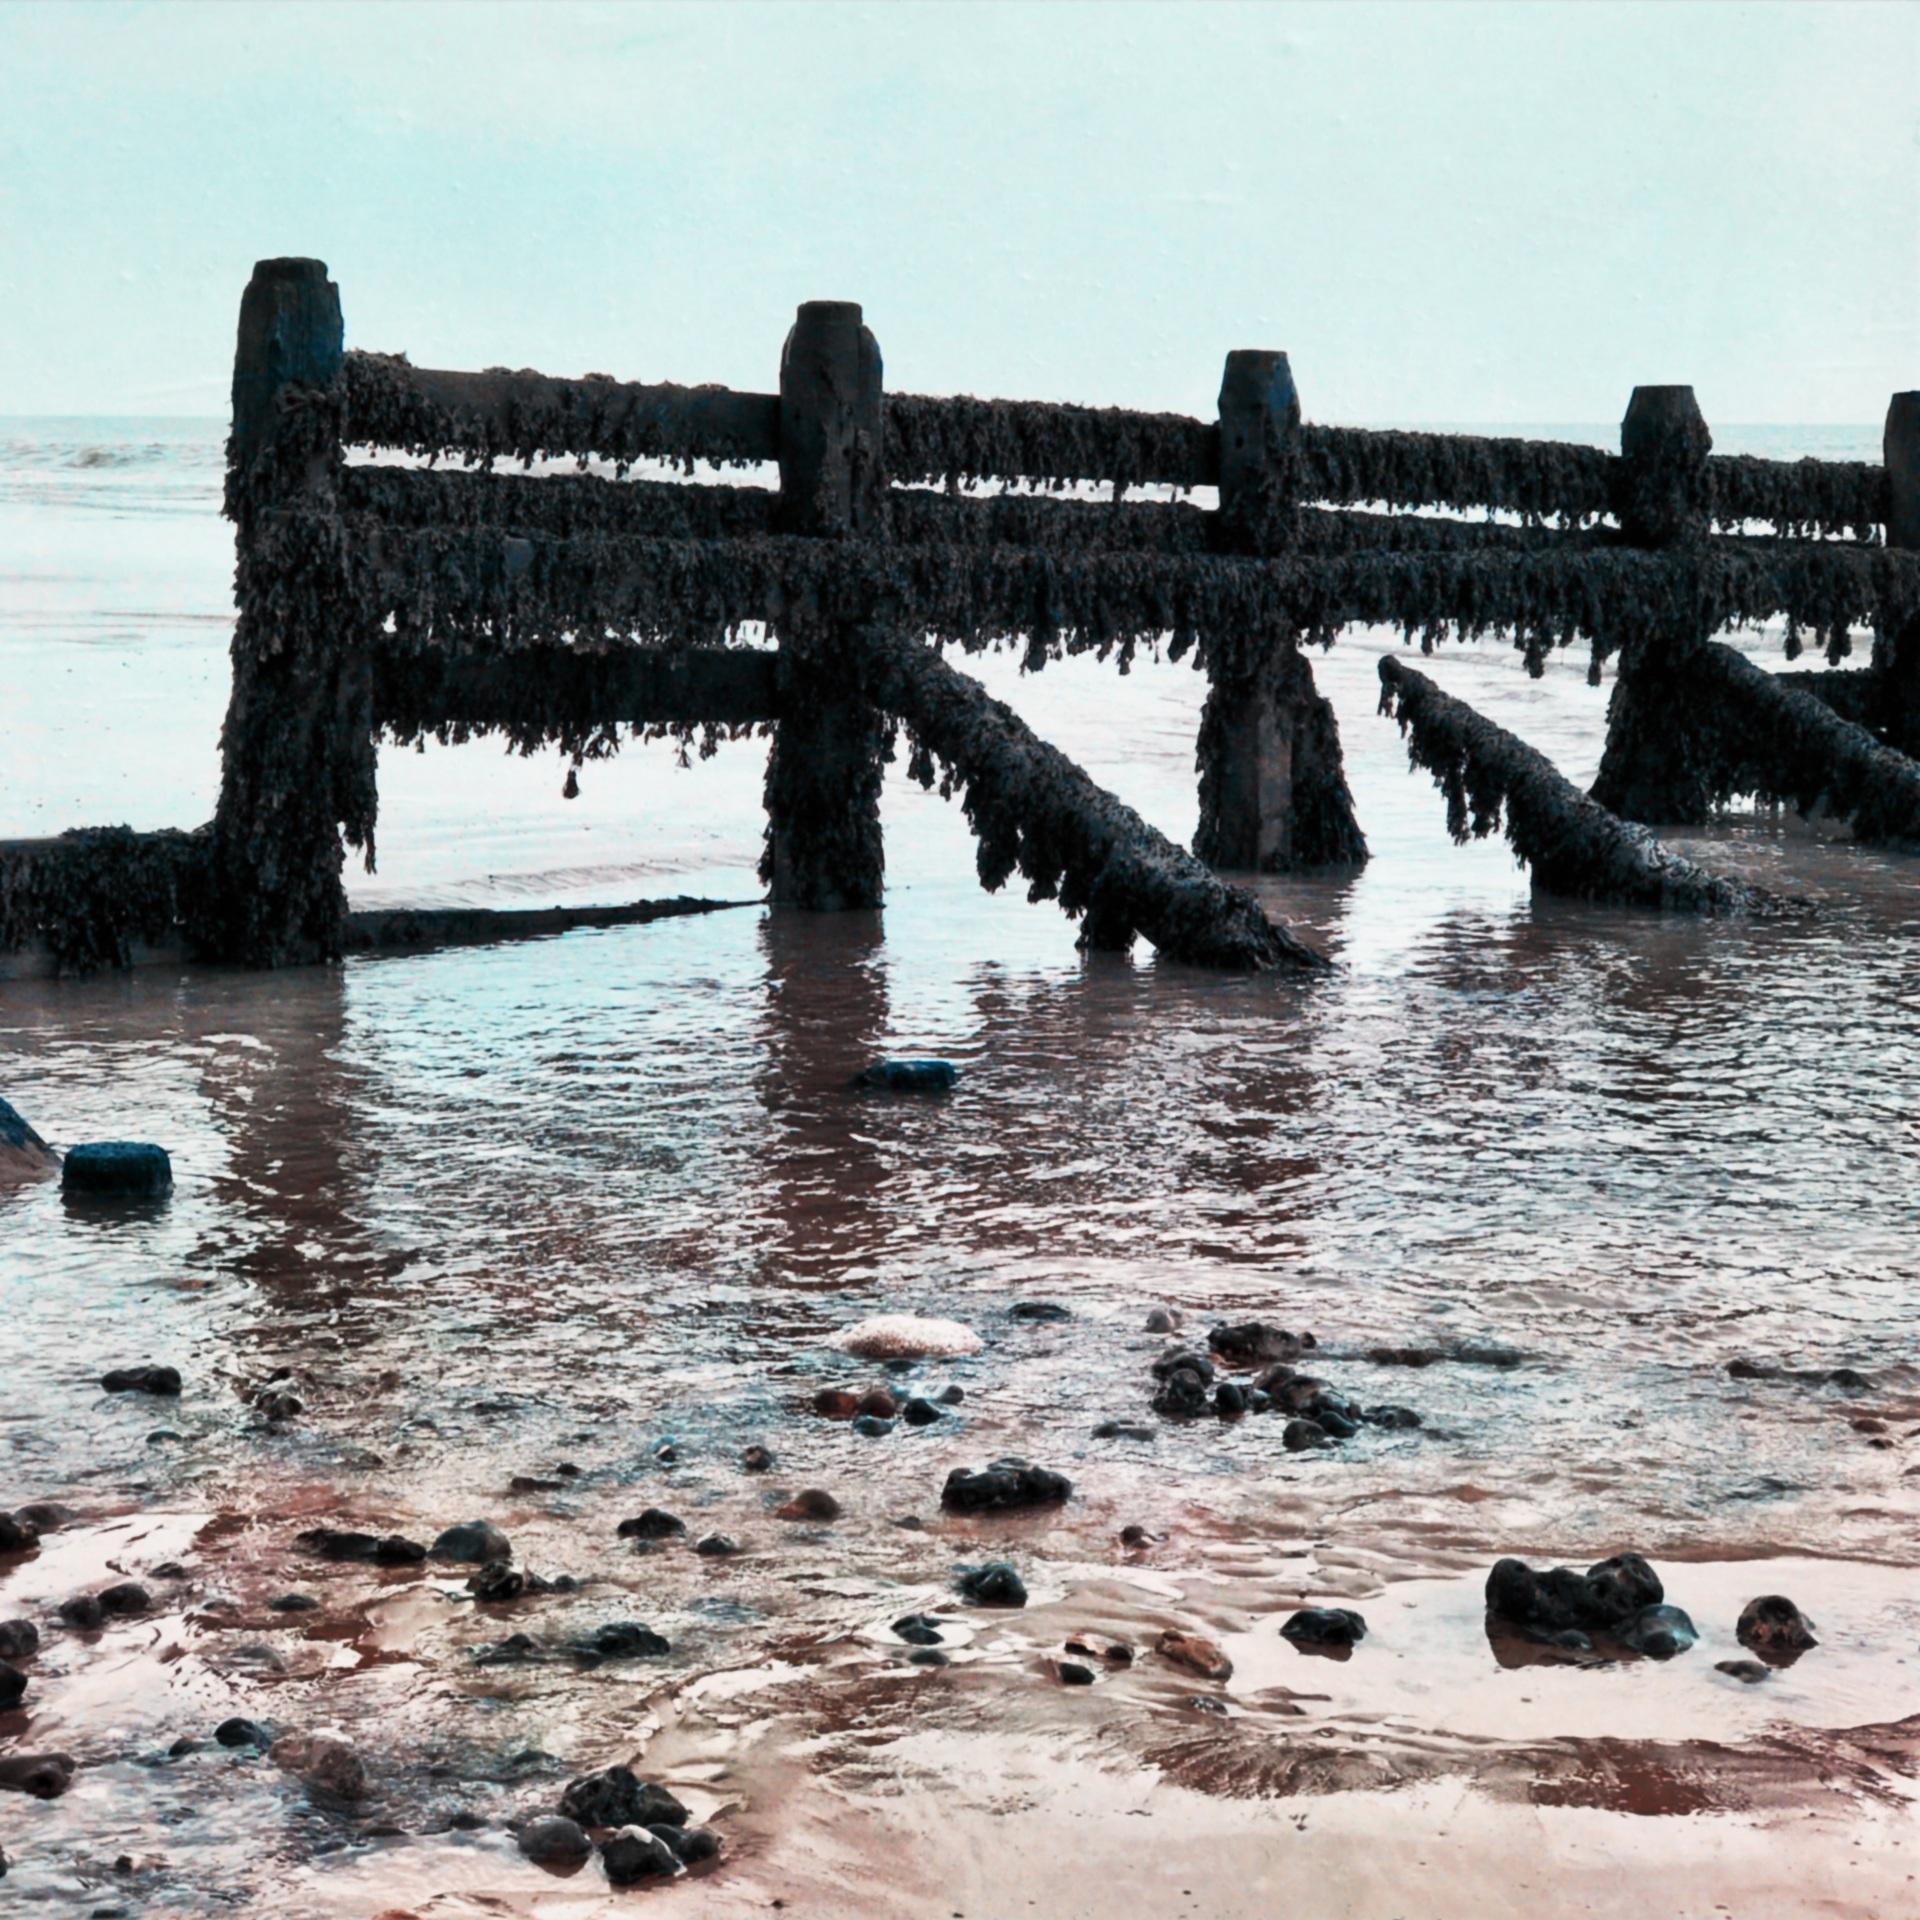 Sea defences Norfolk Coast United Kingdom